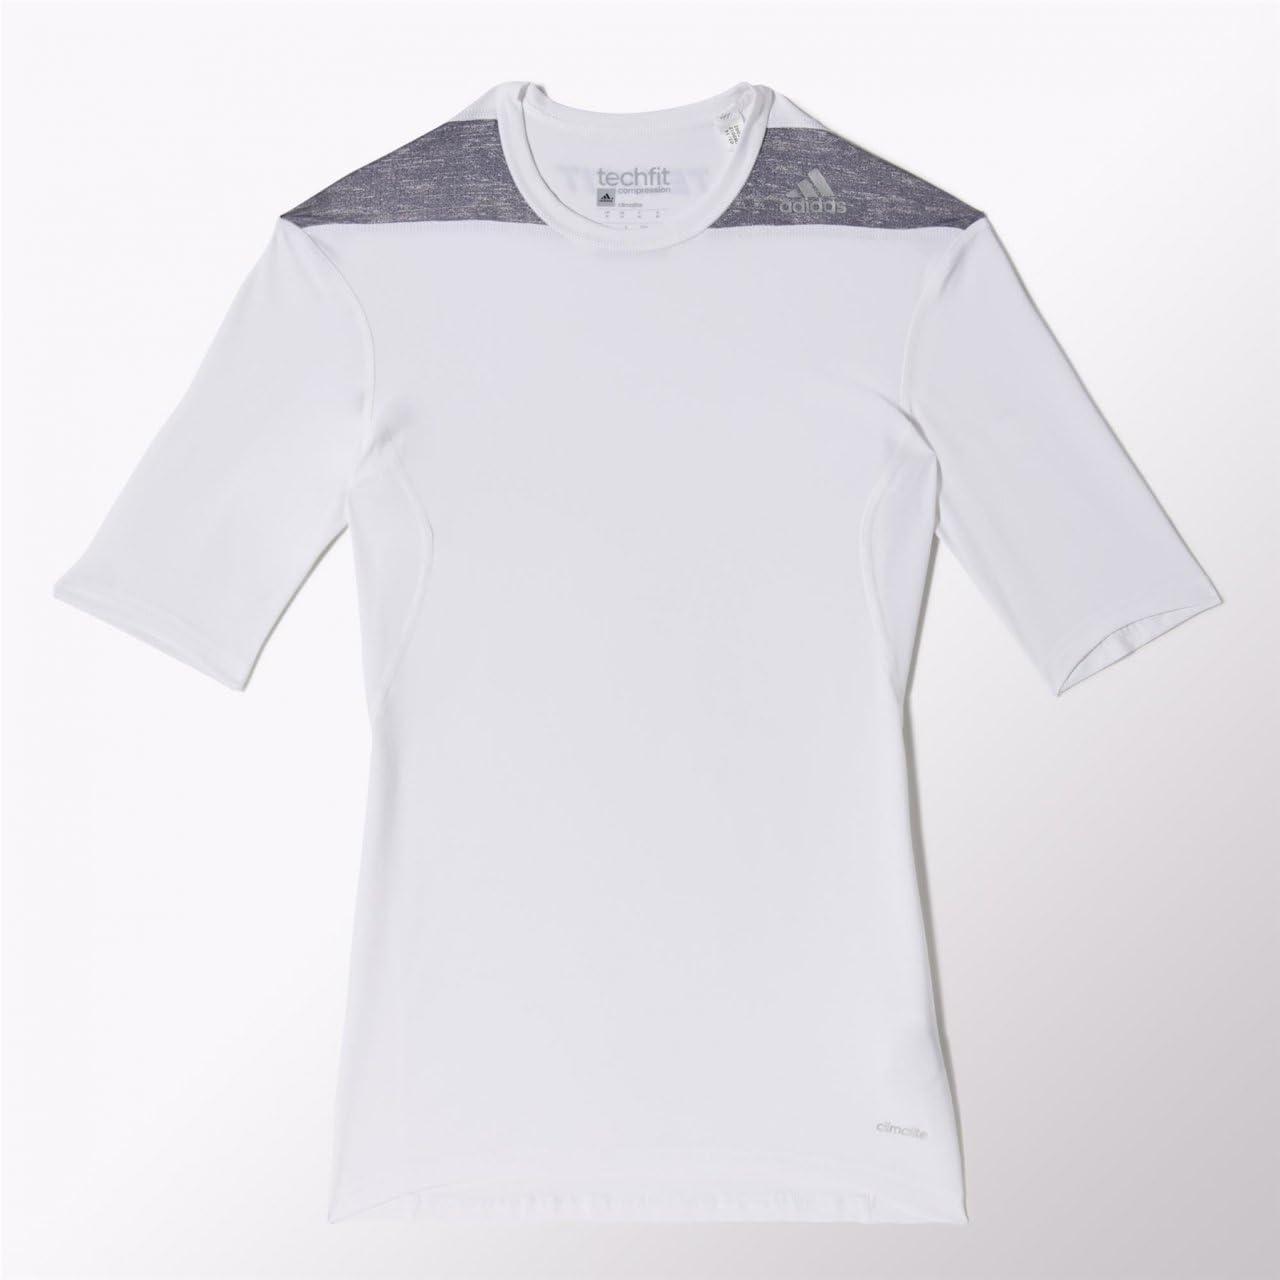 tee-Shirt Techfit Training TF Base SL Noir D81409